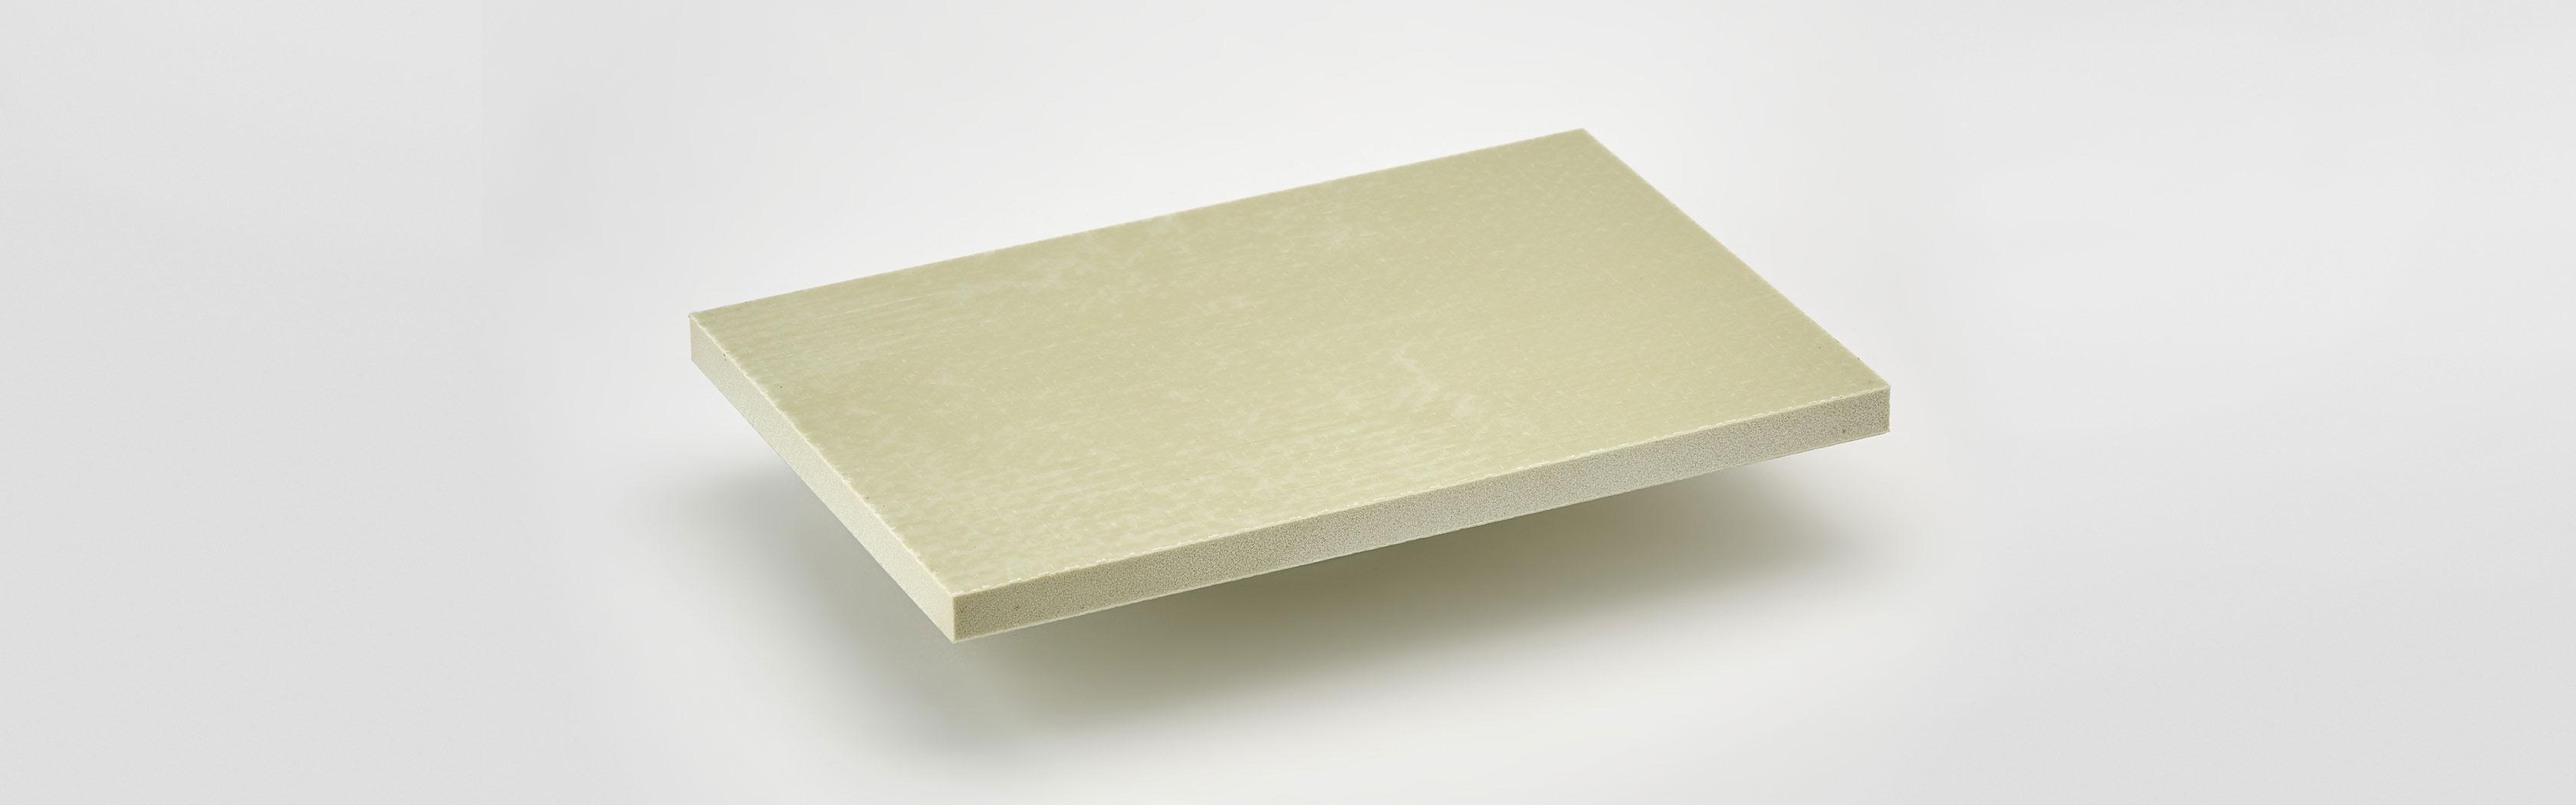 plaque resine epoxy